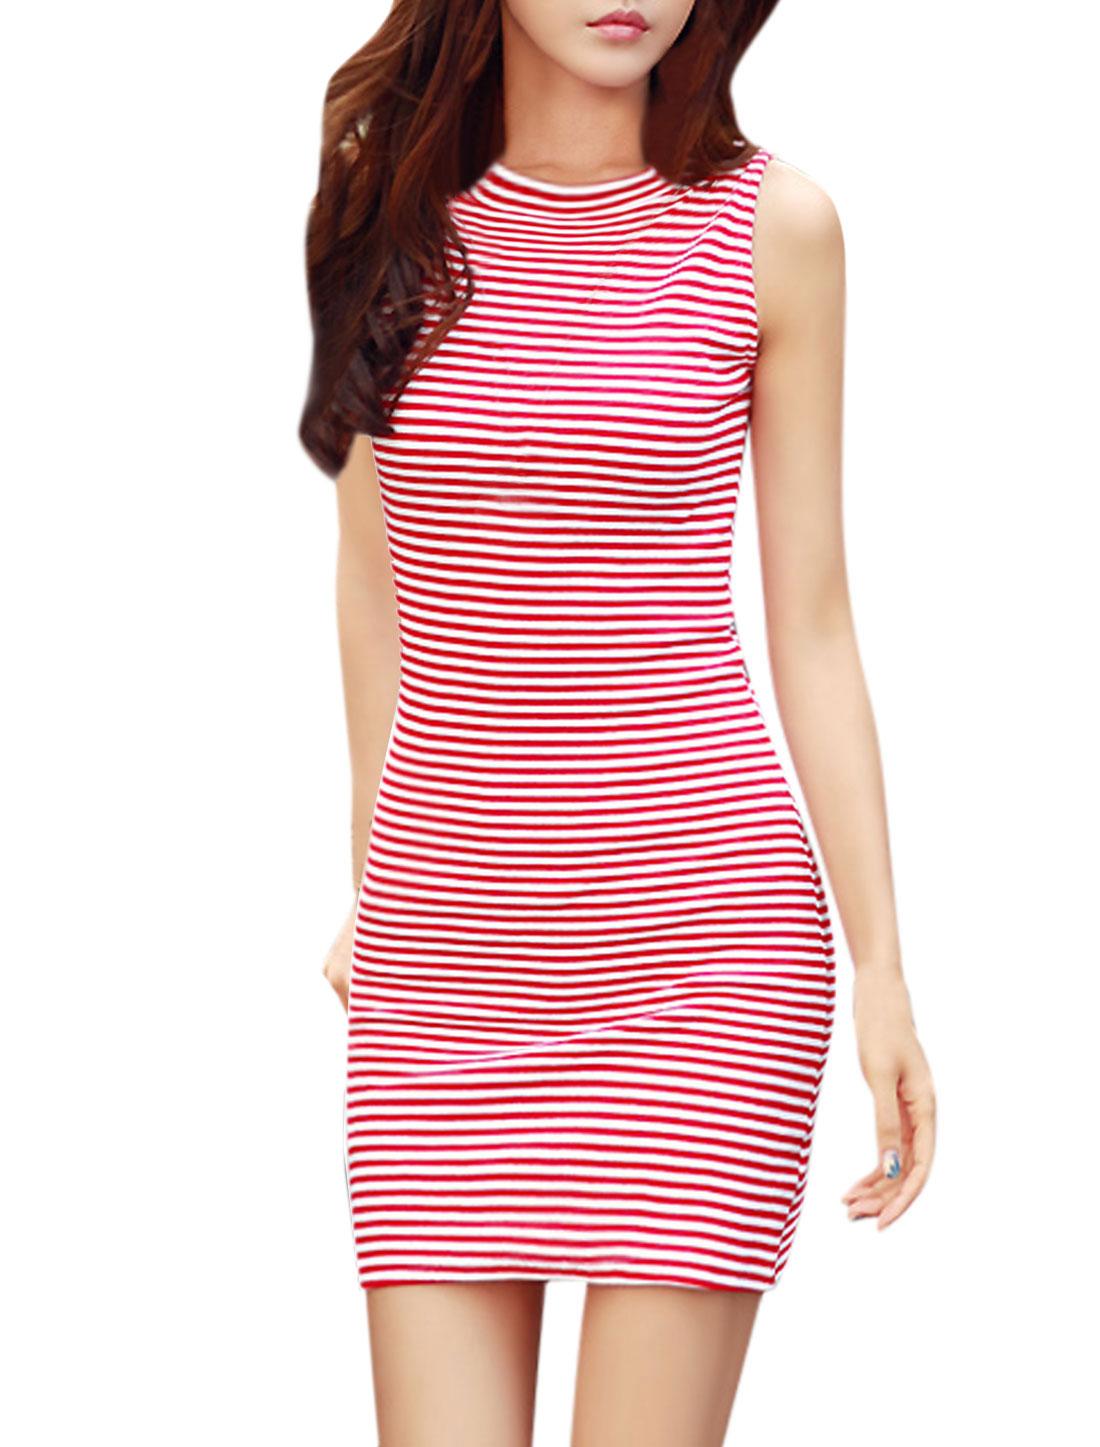 Women Horizontal Stripes Sleeveless Crew Neck Bodycon Dress Red White M